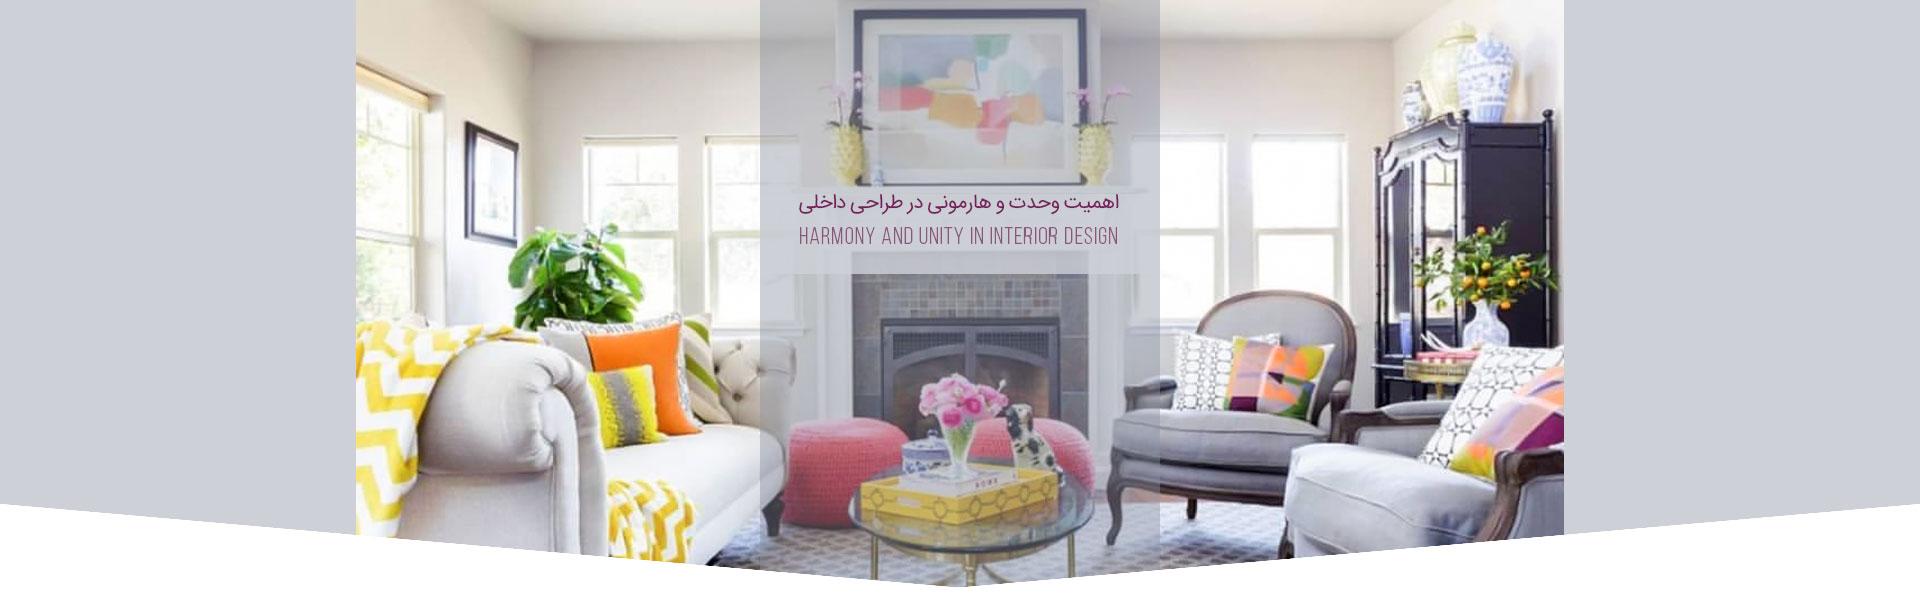 تصاویر وحدت و هارمونی در طراحی داخلی